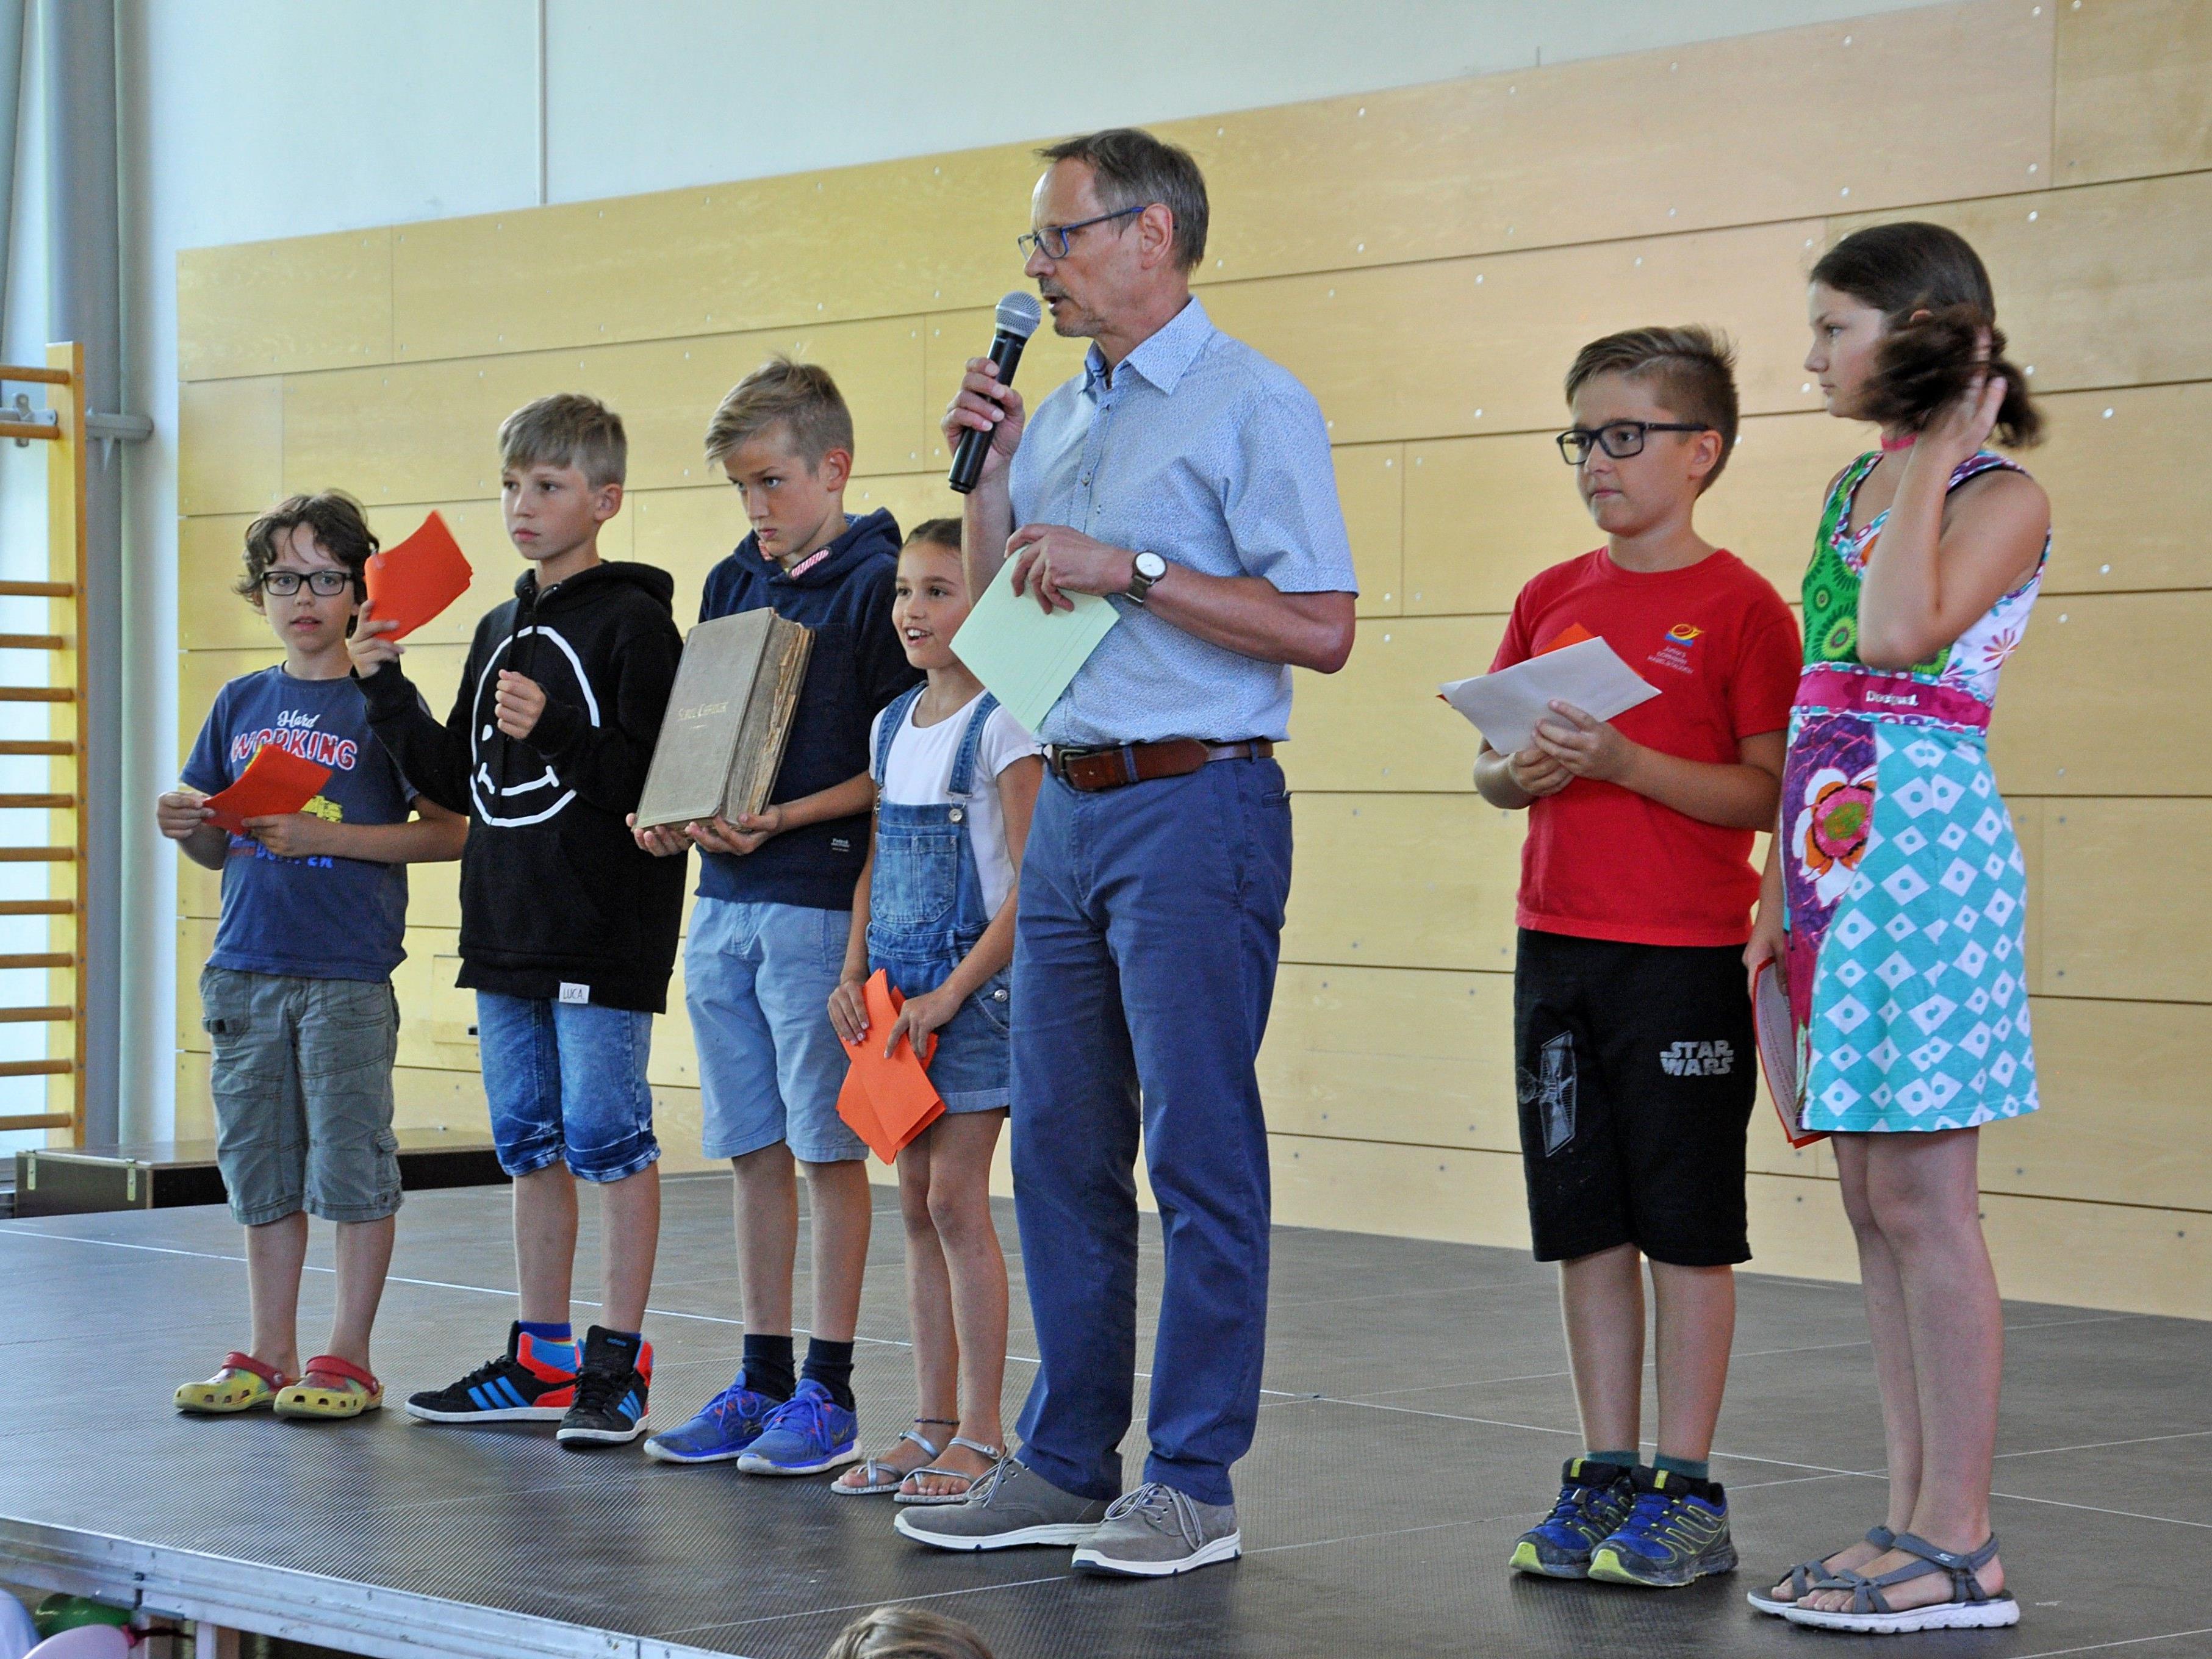 Volksschuldirektor Jürgen Sprickler hatte gemeinsam mit den Schülern zum großen Fest geladen.